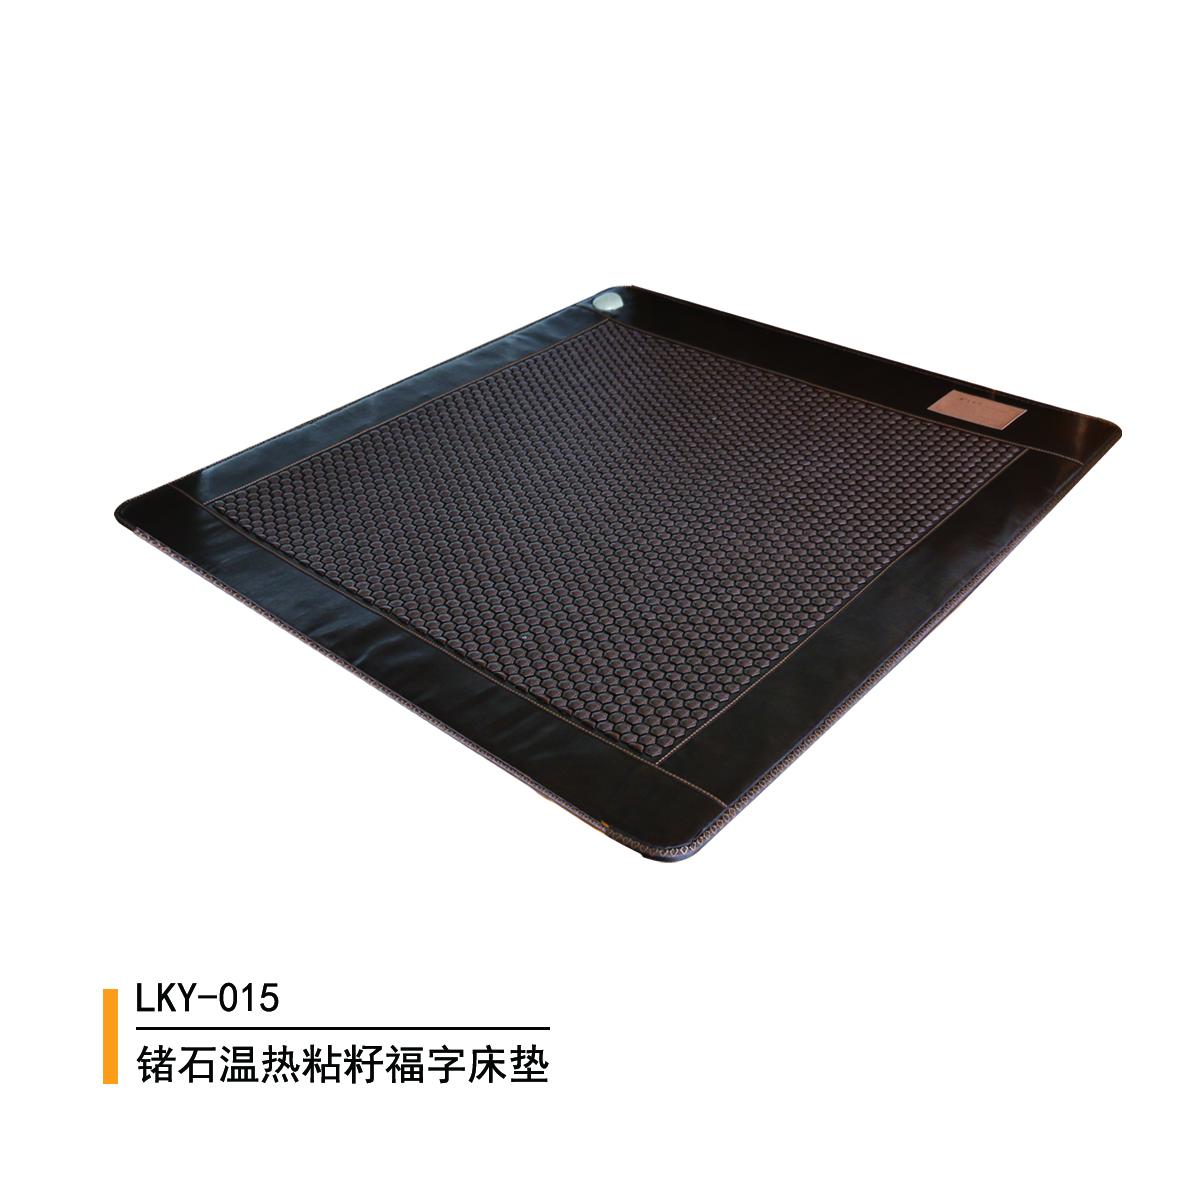 锗石温热粘籽福字床垫015